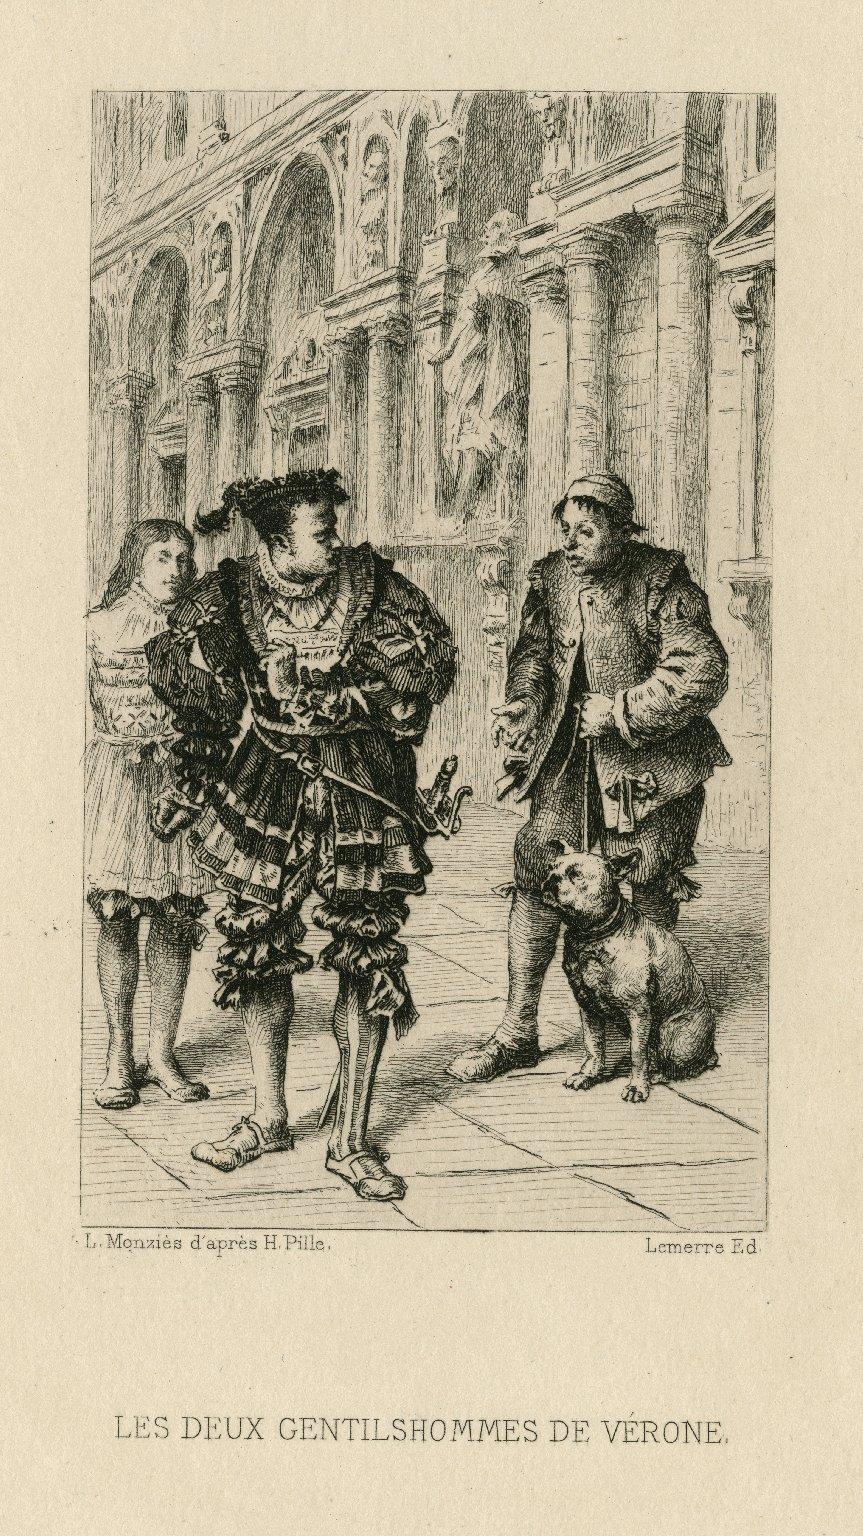 Les deux gentilshommes de Vérone [act IV, scene 4] [graphic] / L. Monziès d'après H. Pille.